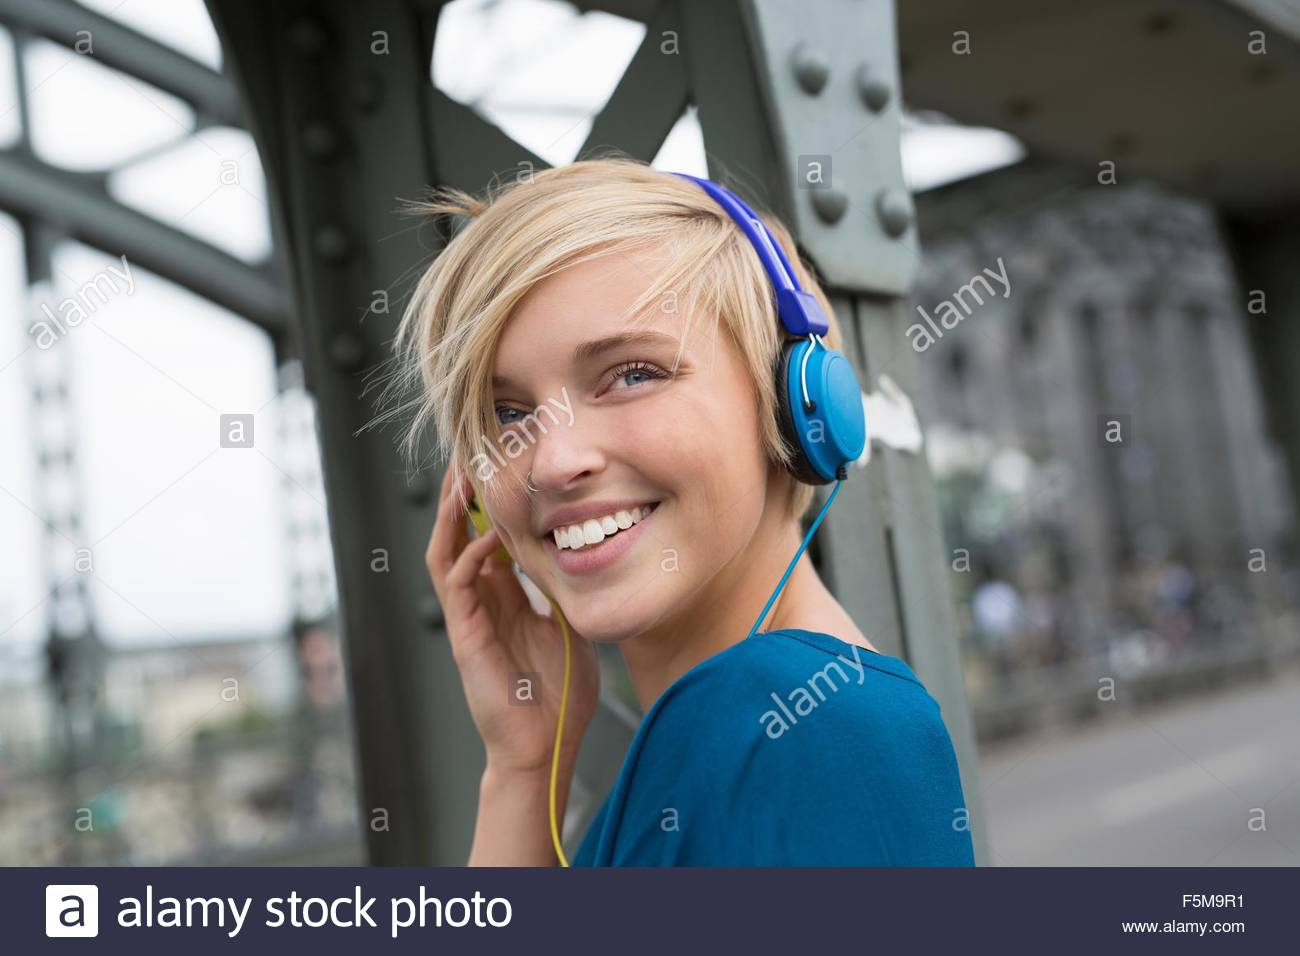 Feliz joven que lleva puestos los auriculares en el puente mirando por encima del hombro Imagen De Stock